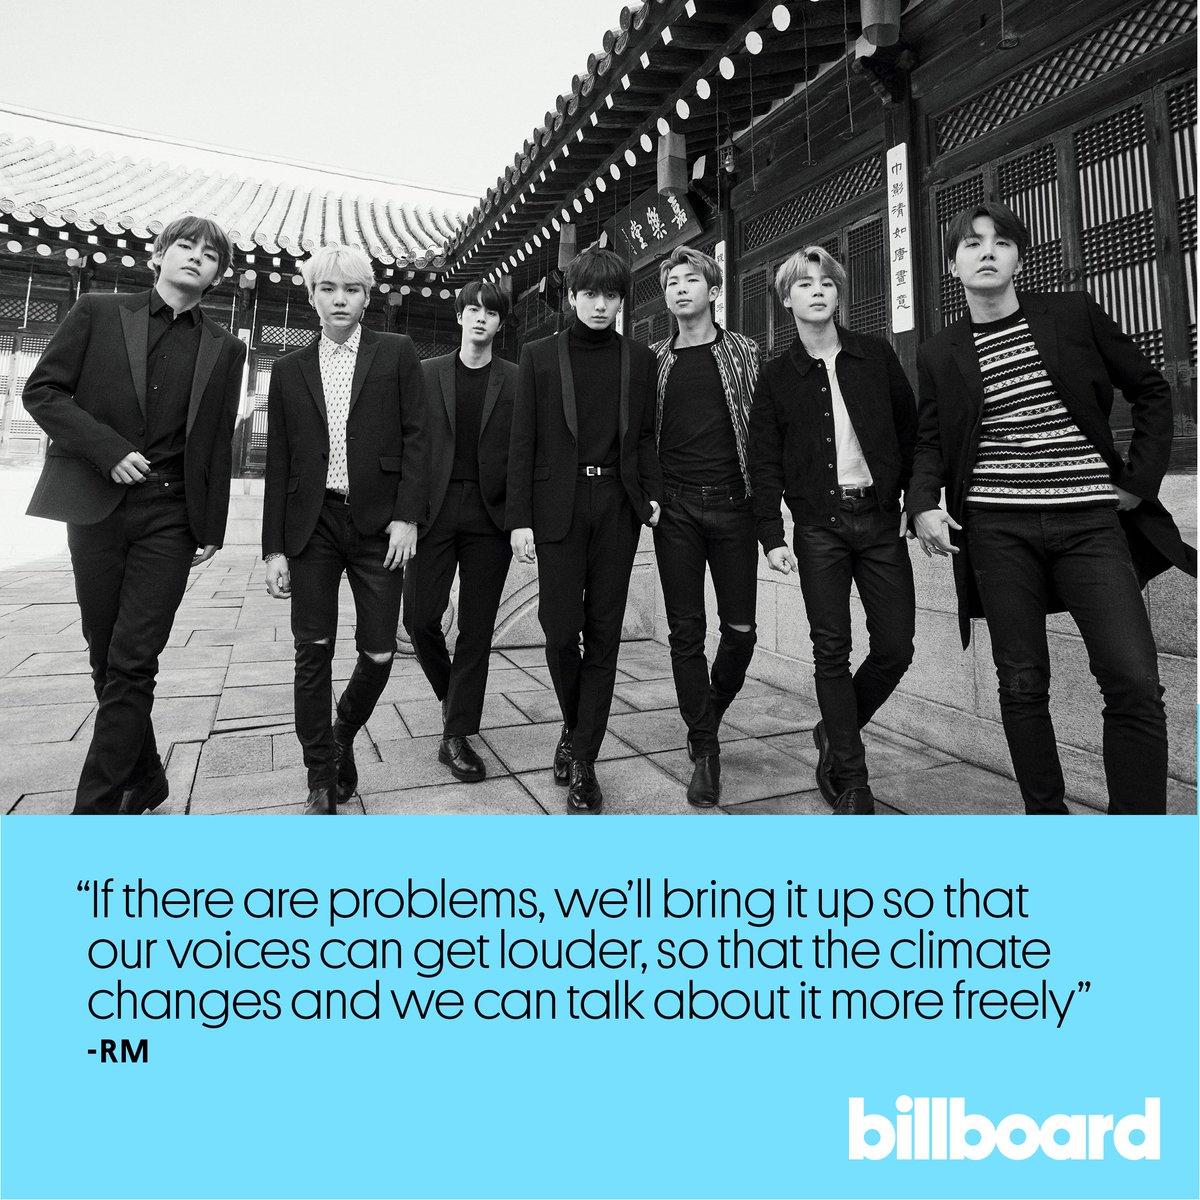 #BTSonBillboard   https://t.co/0xl5zxkYn...